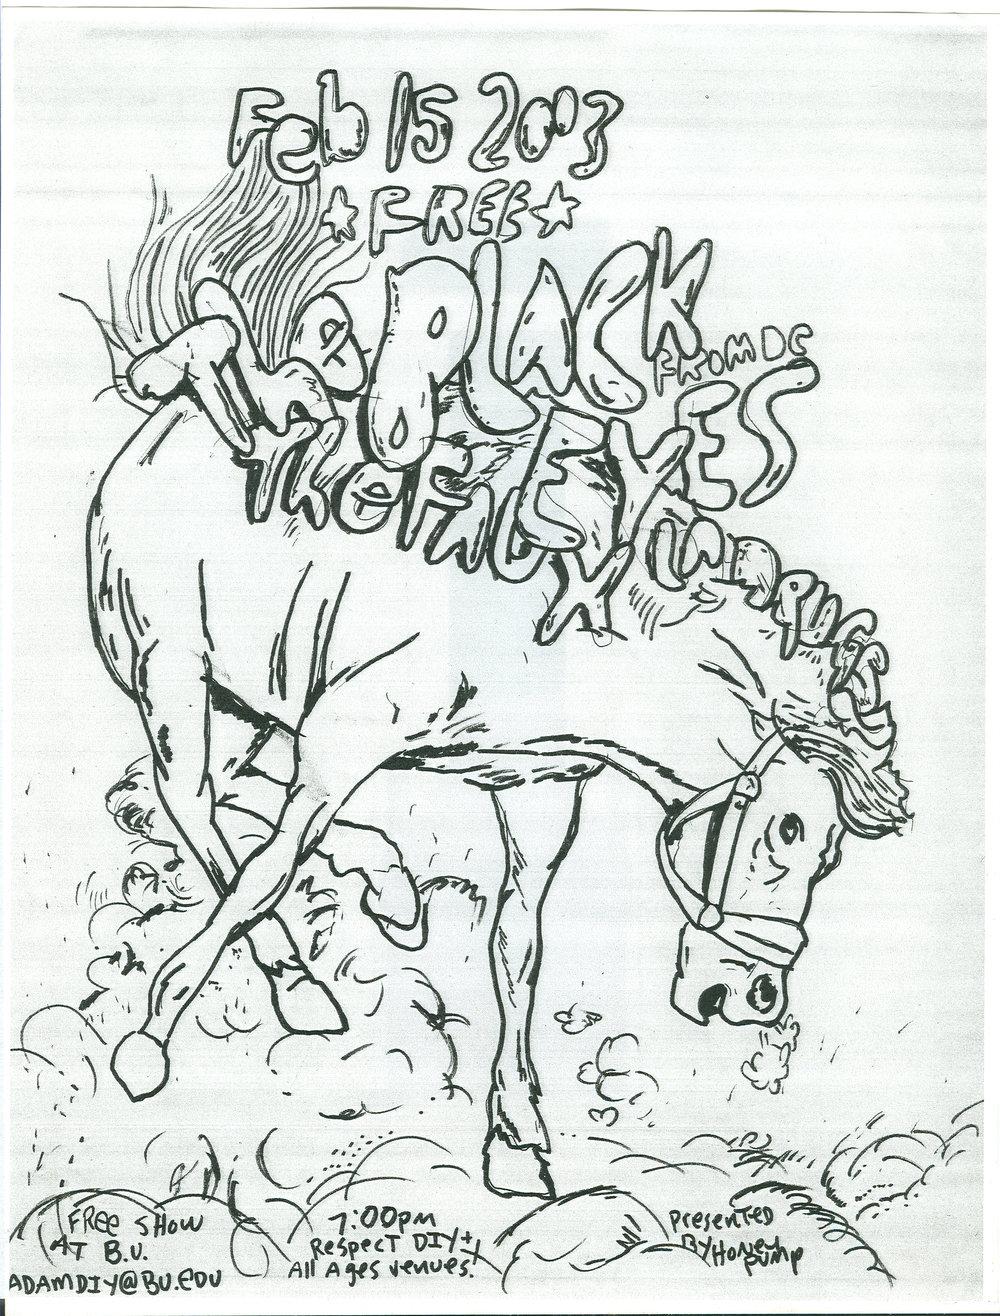 02.15.03-BOSTON-BU-BLACK_EYES.jpg